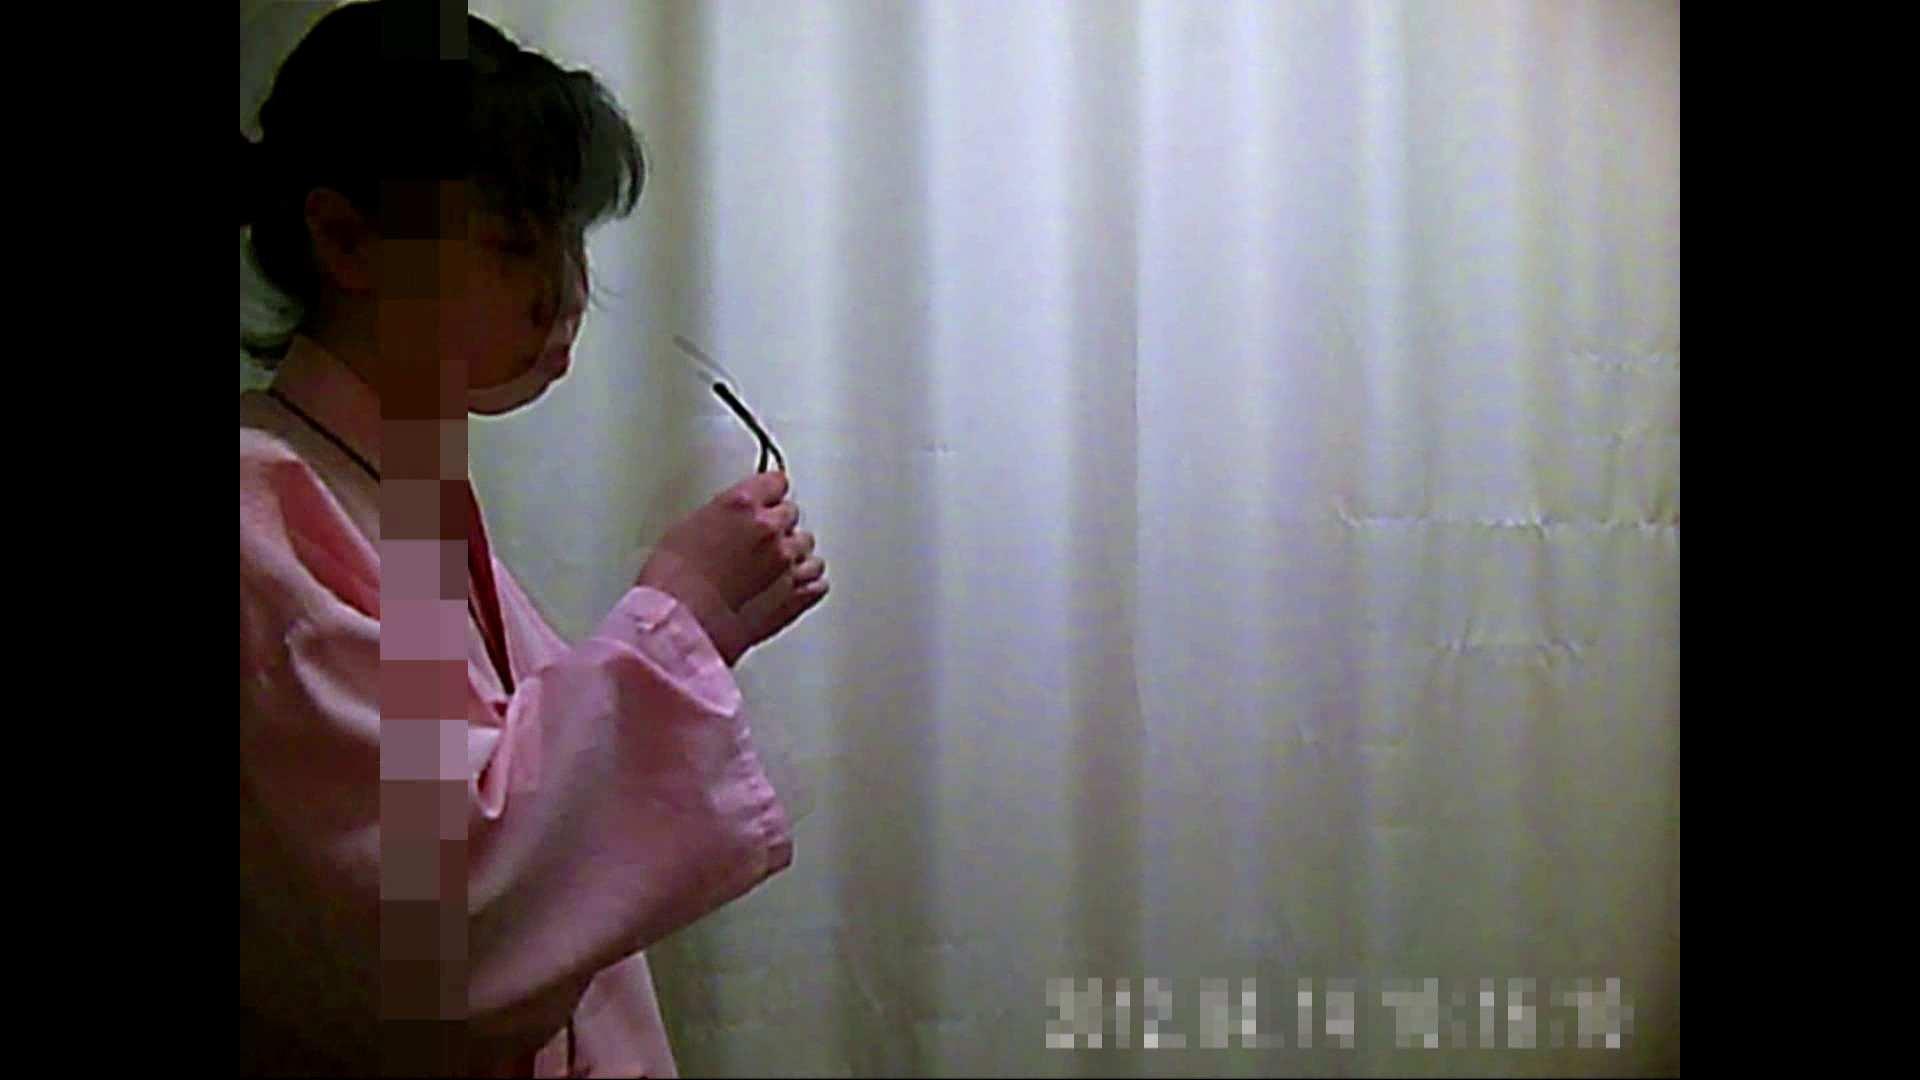 元医者による反抗 更衣室地獄絵巻 vol.018 OL | 0  60連発 59